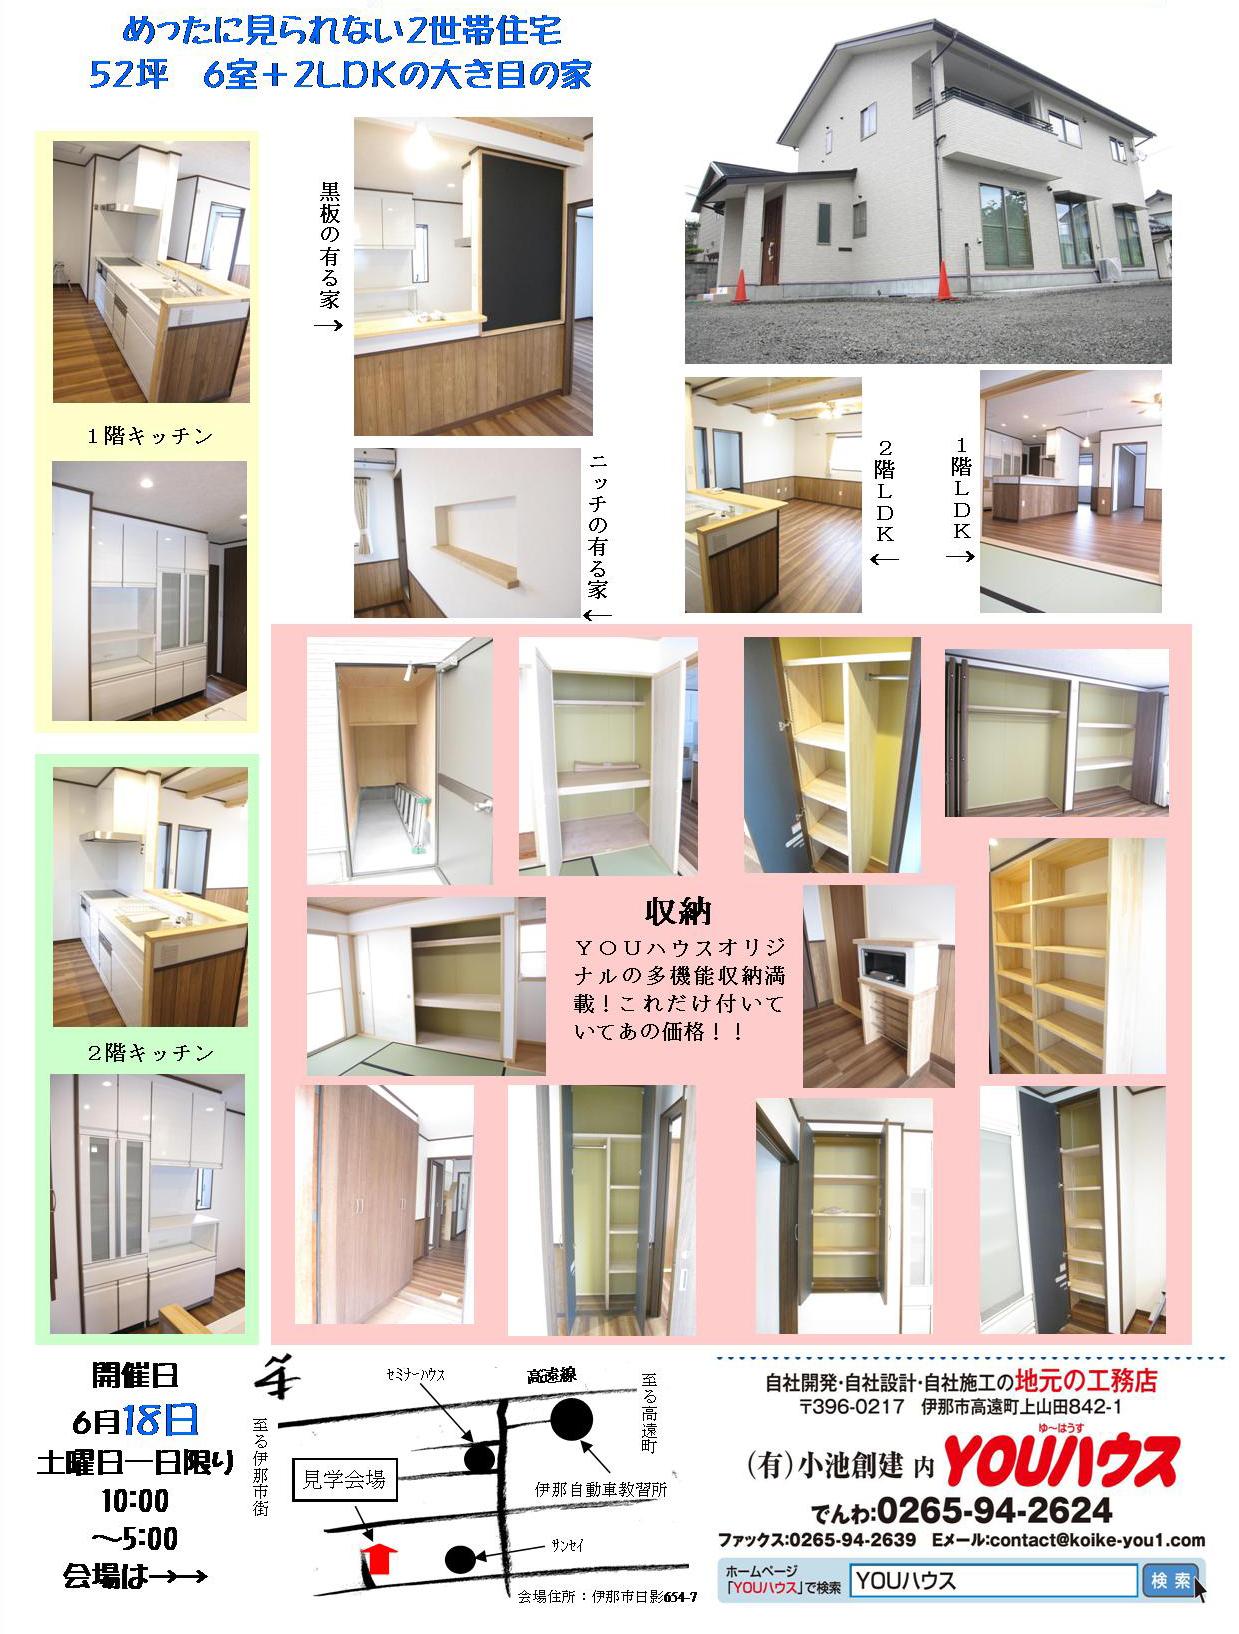 2016・06松本邸広告2